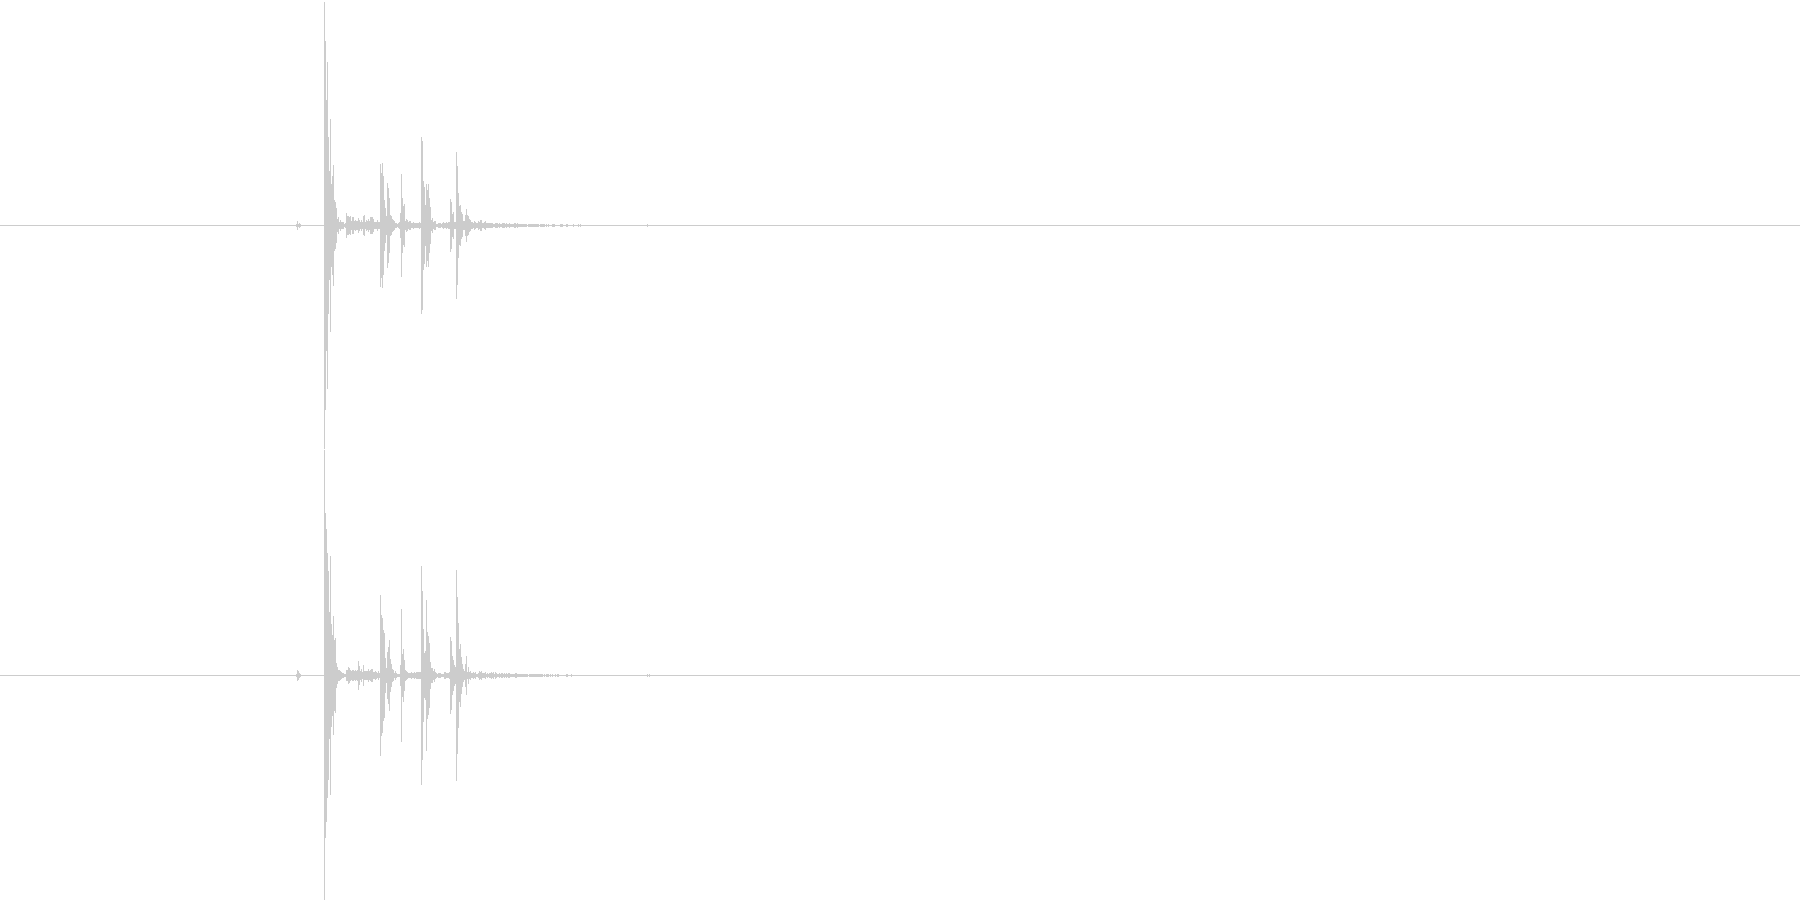 ナットクラッカー、その他のクラッシ...の未再生の波形